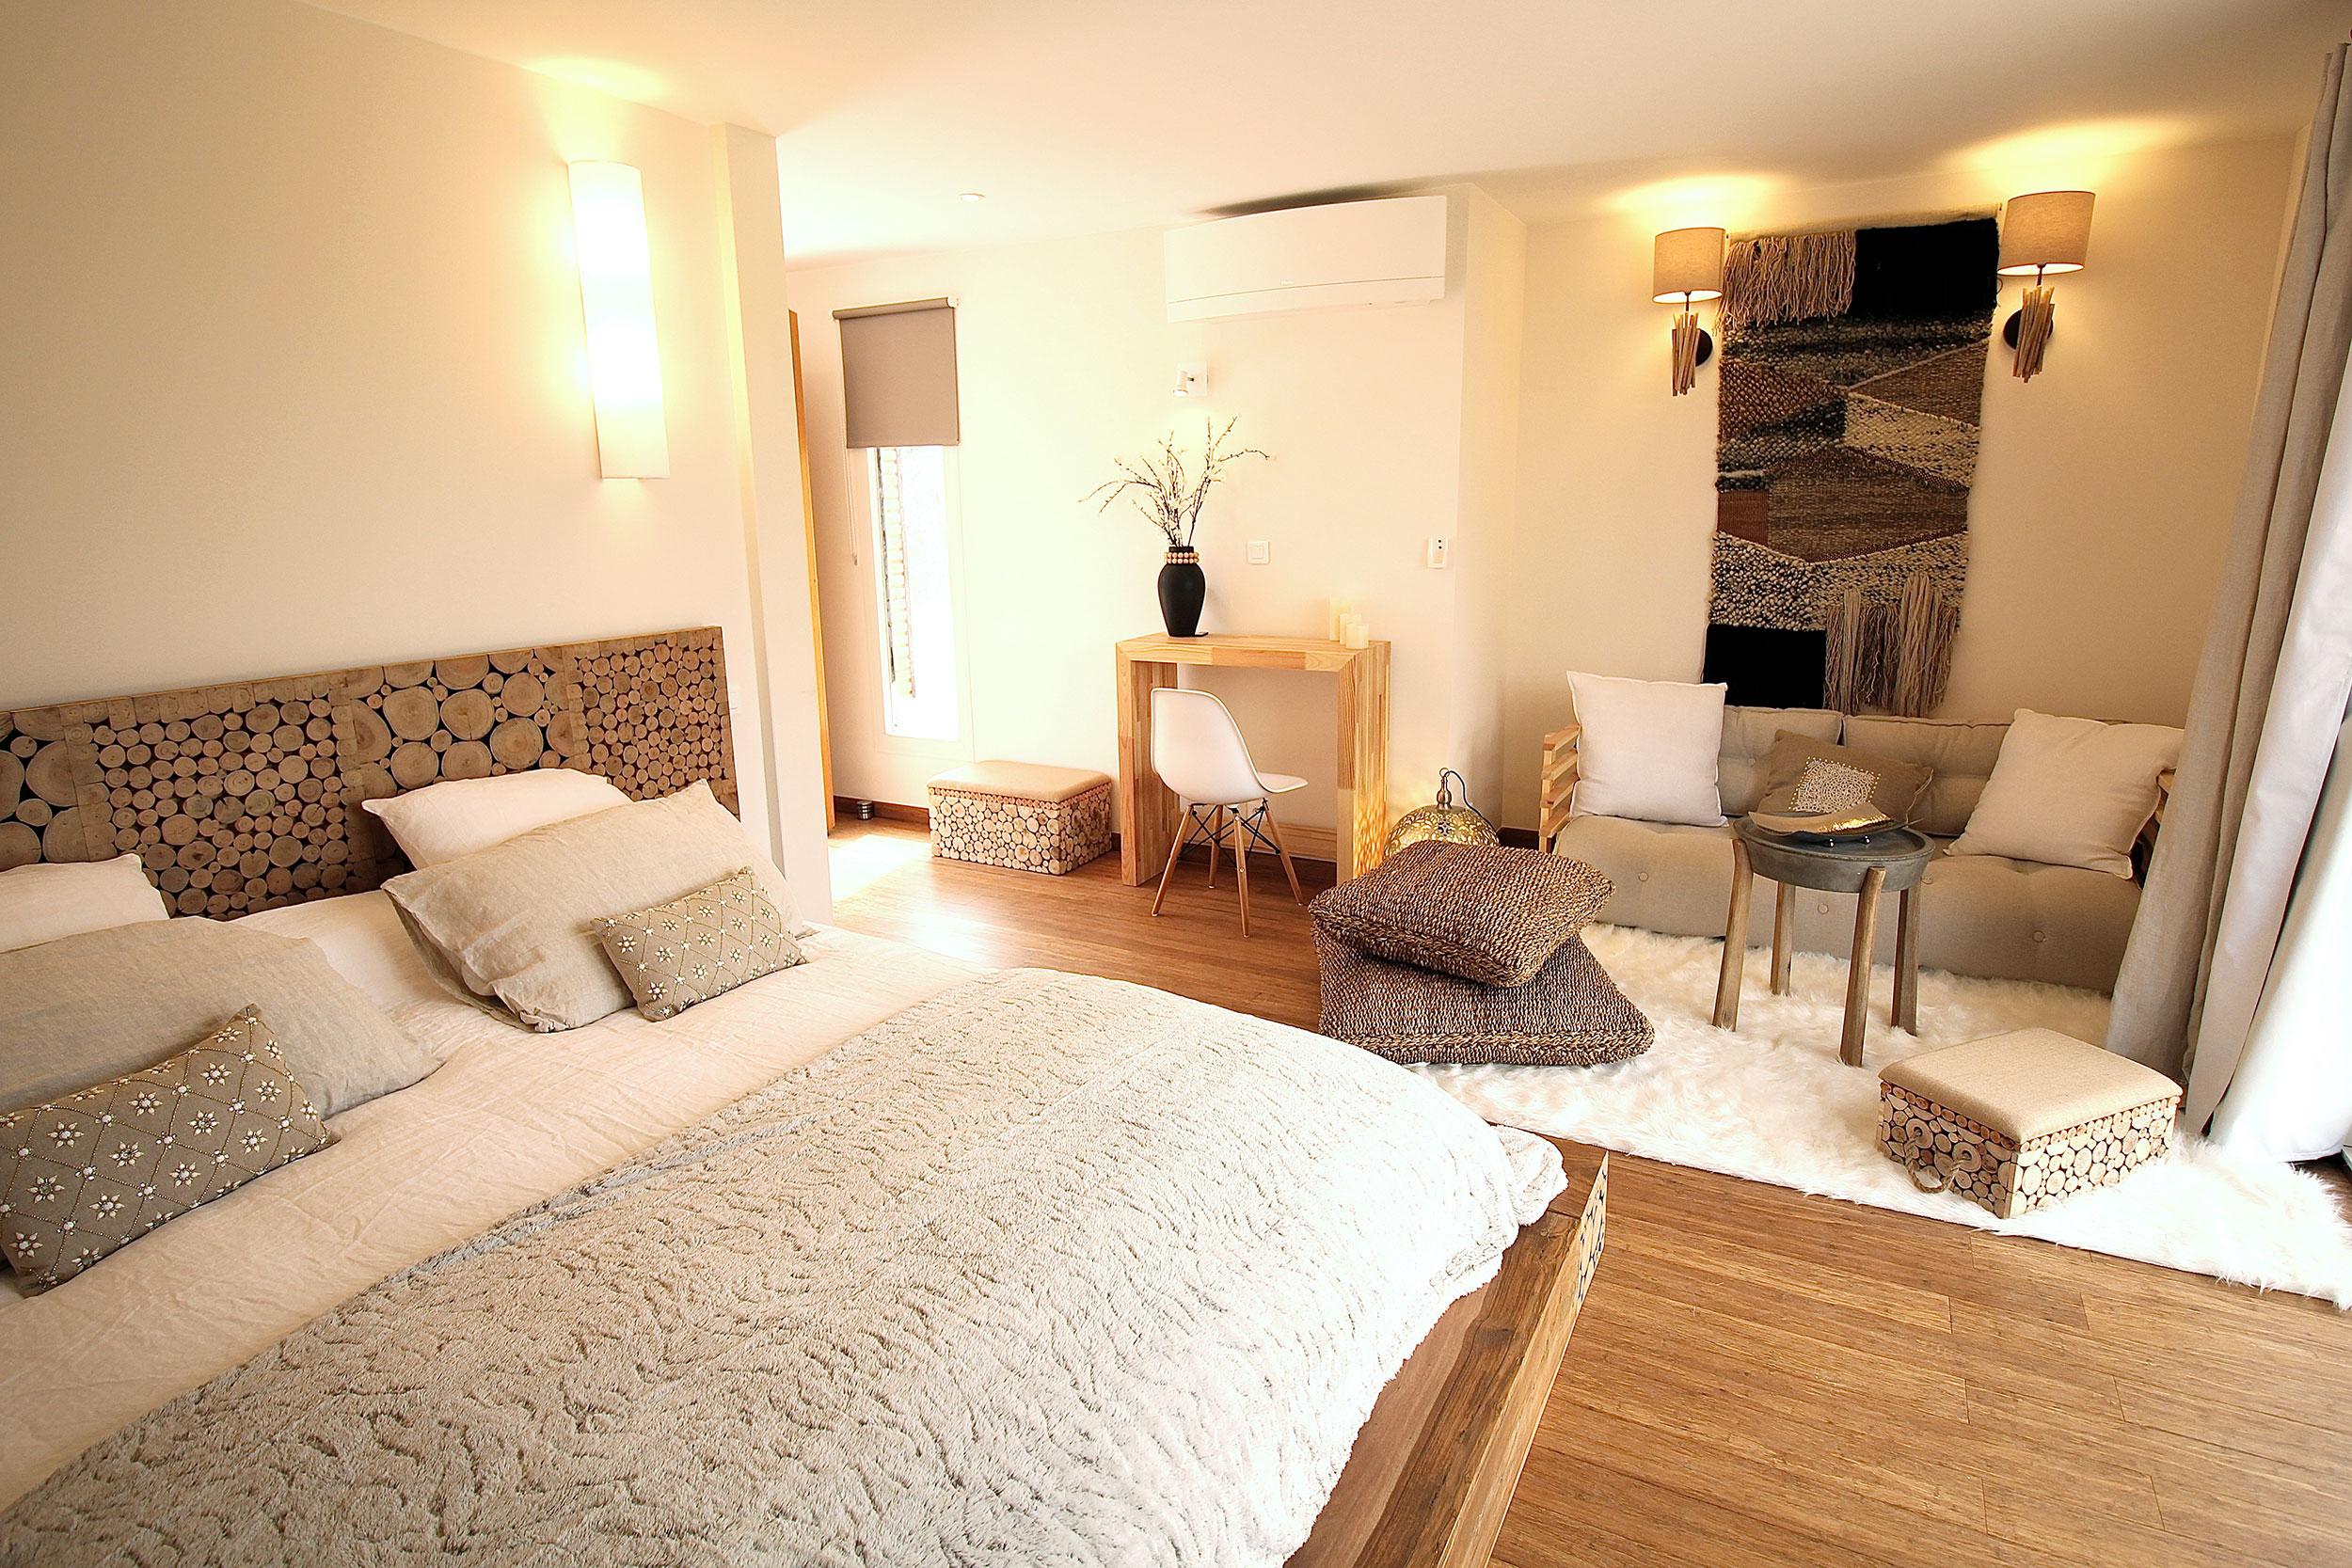 Location Du Mas, Chambres D'Hôtes En Provence - Le Mas Des destiné Chambre D Hote Guedelon